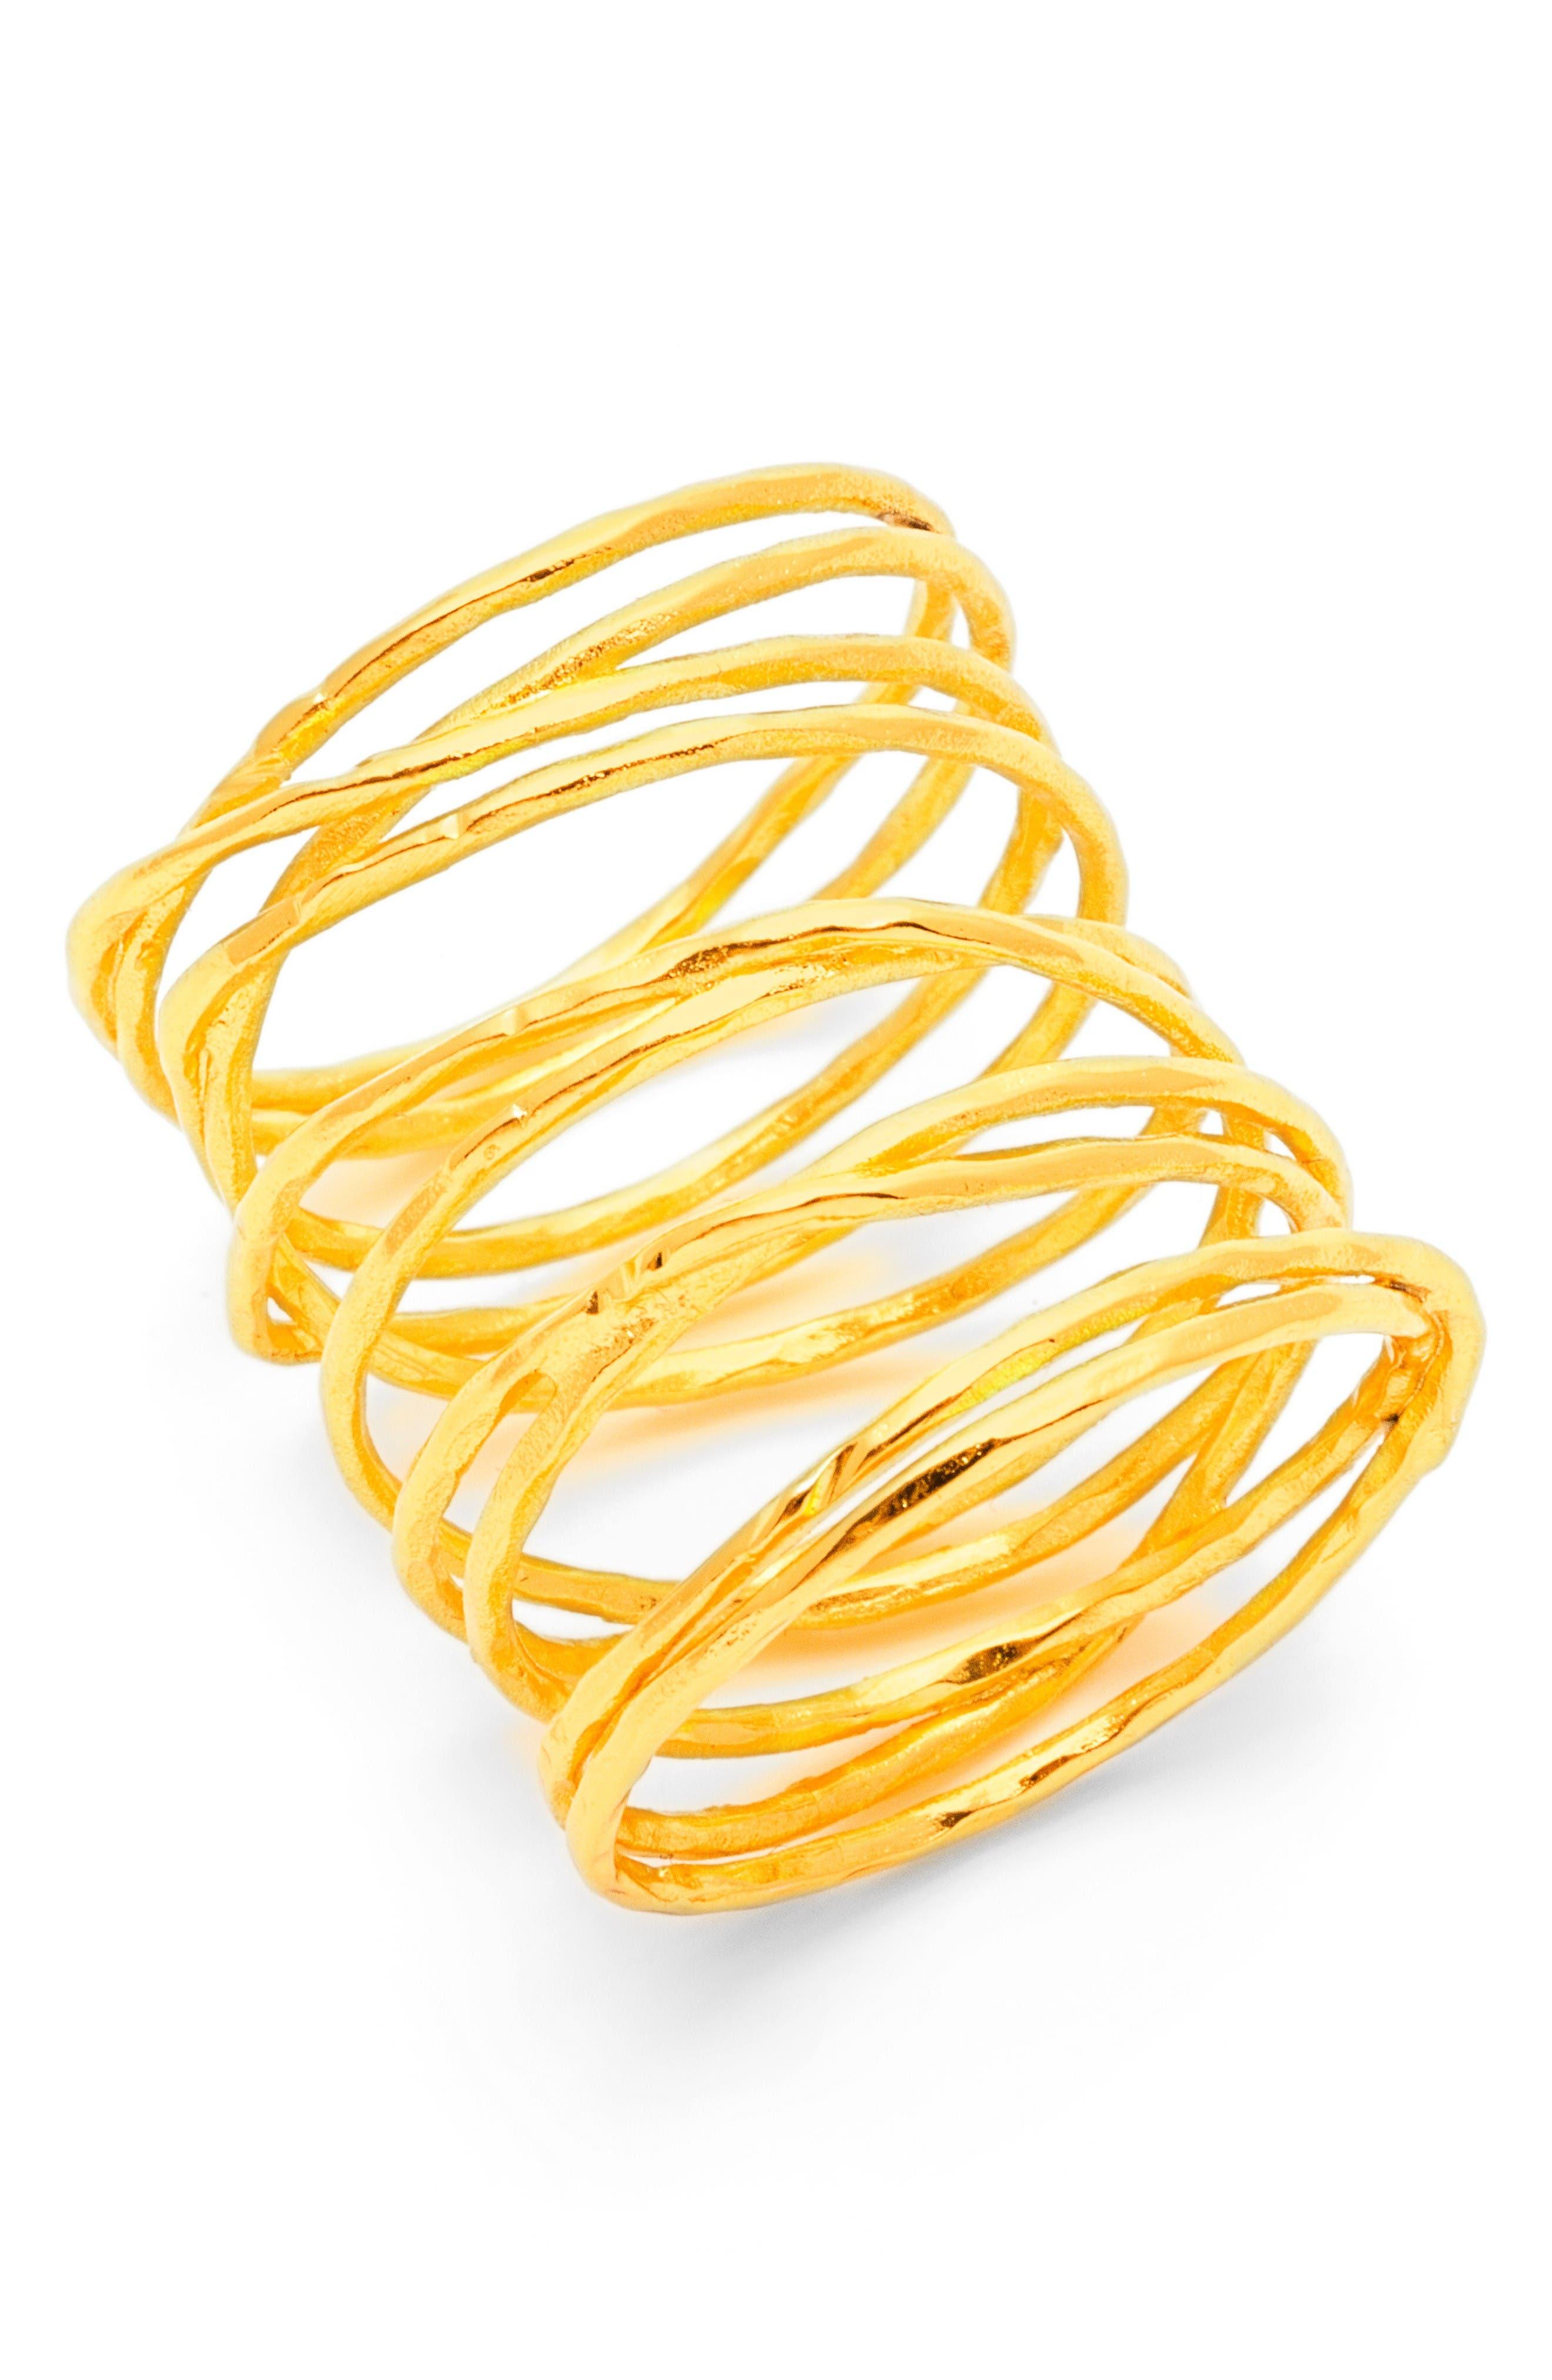 Alternate Image 2  - gorjana 'Lola' Coil Ring